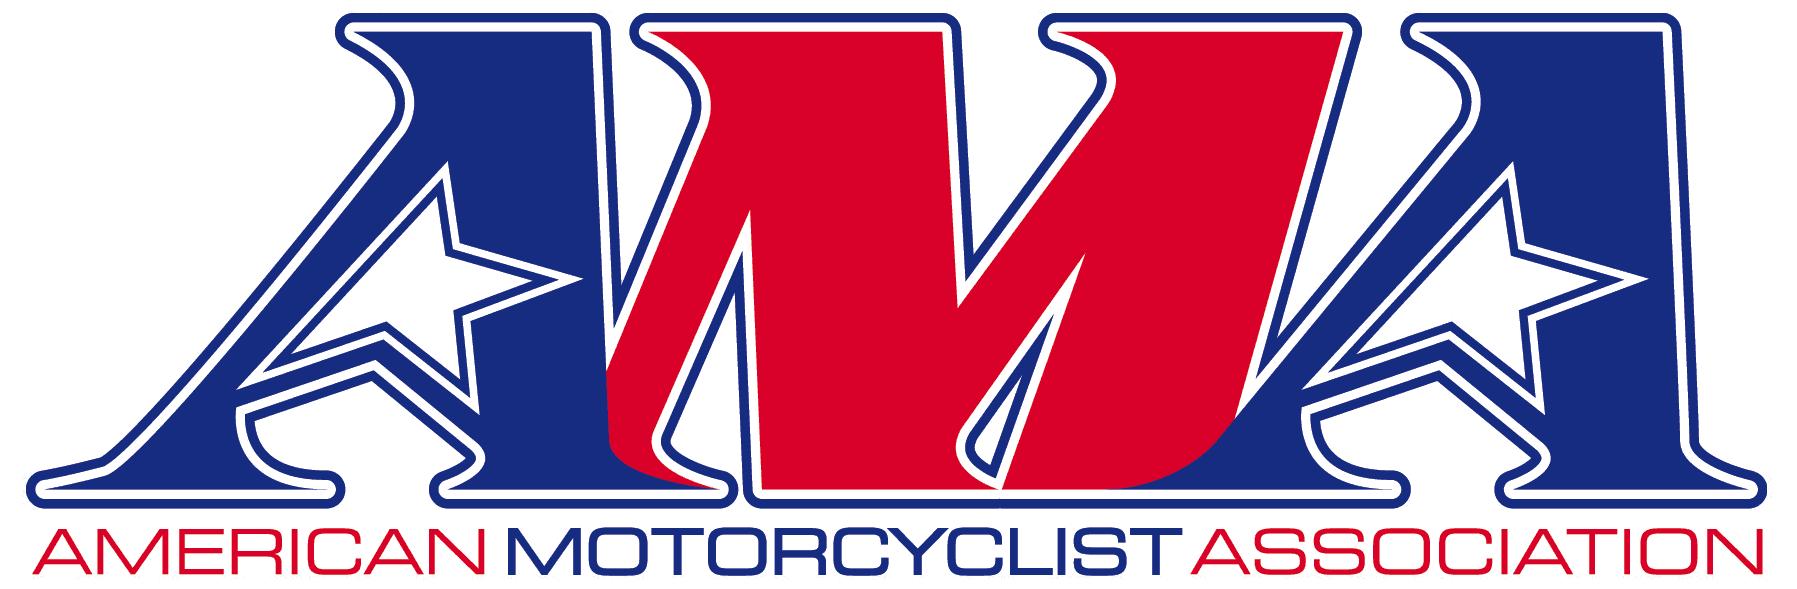 AMA-logo-large.png